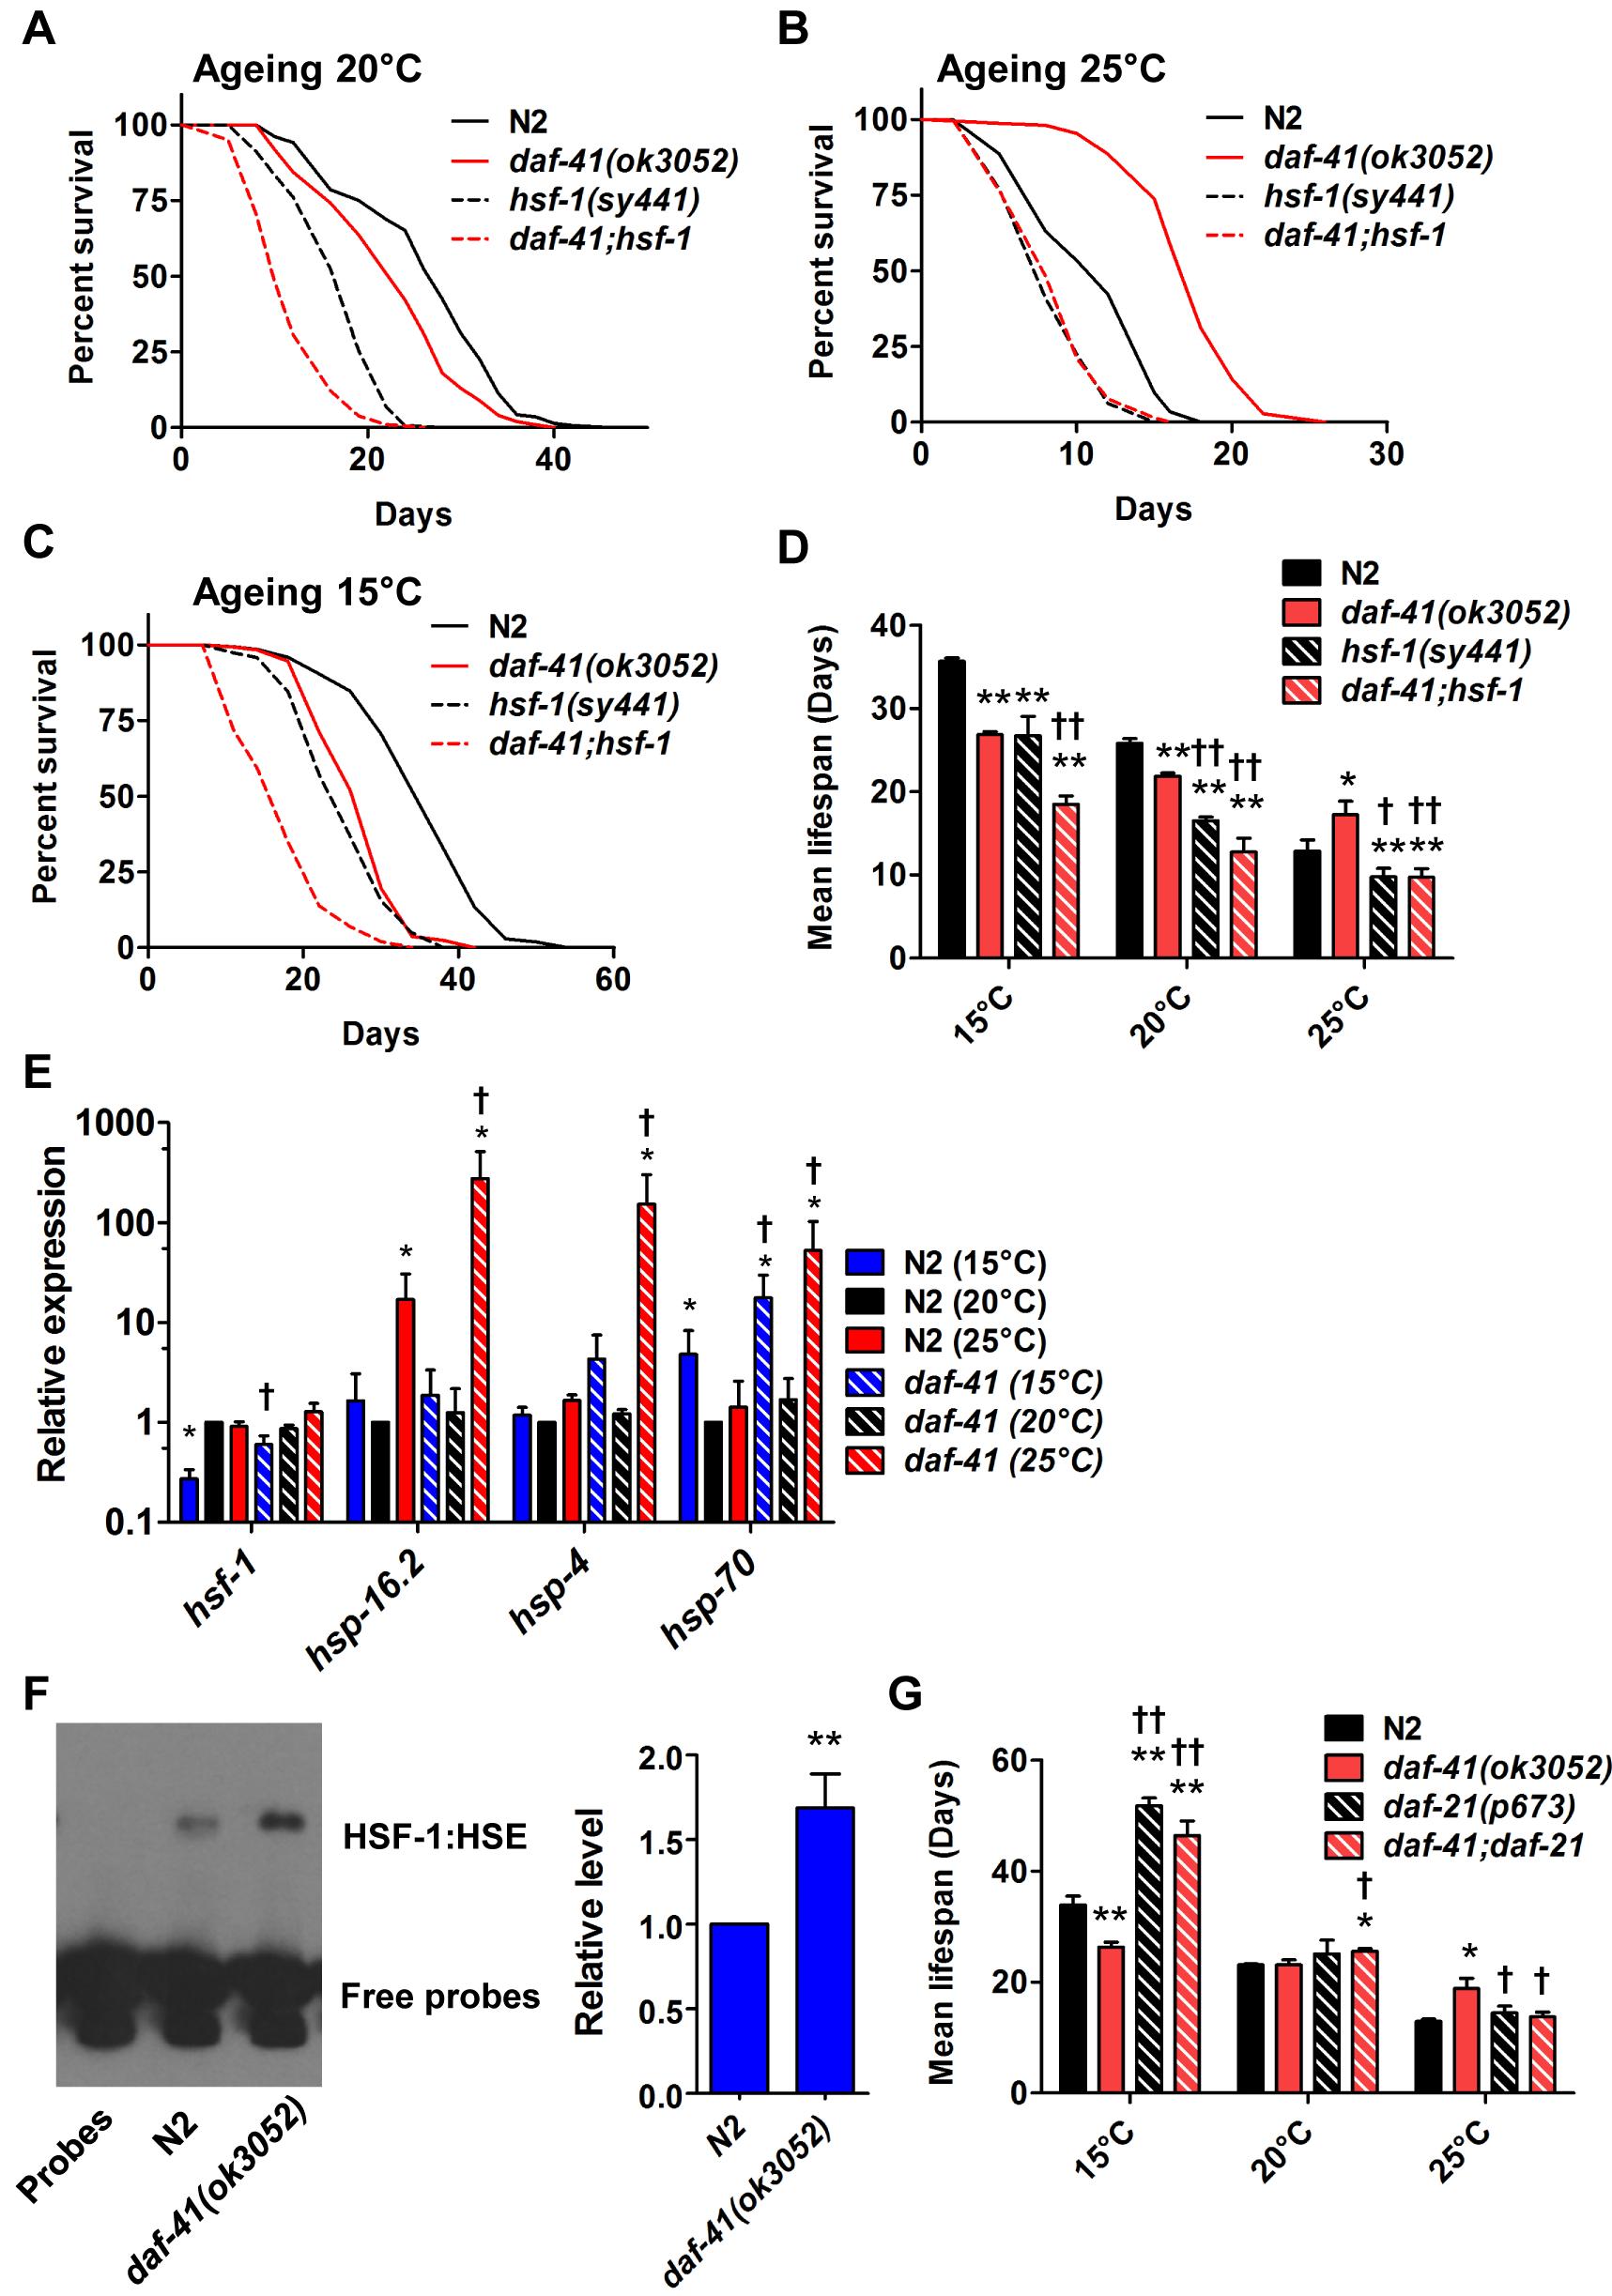 <i>daf-41(ok3052)</i> longevity is <i>hsf-1</i> dependent.